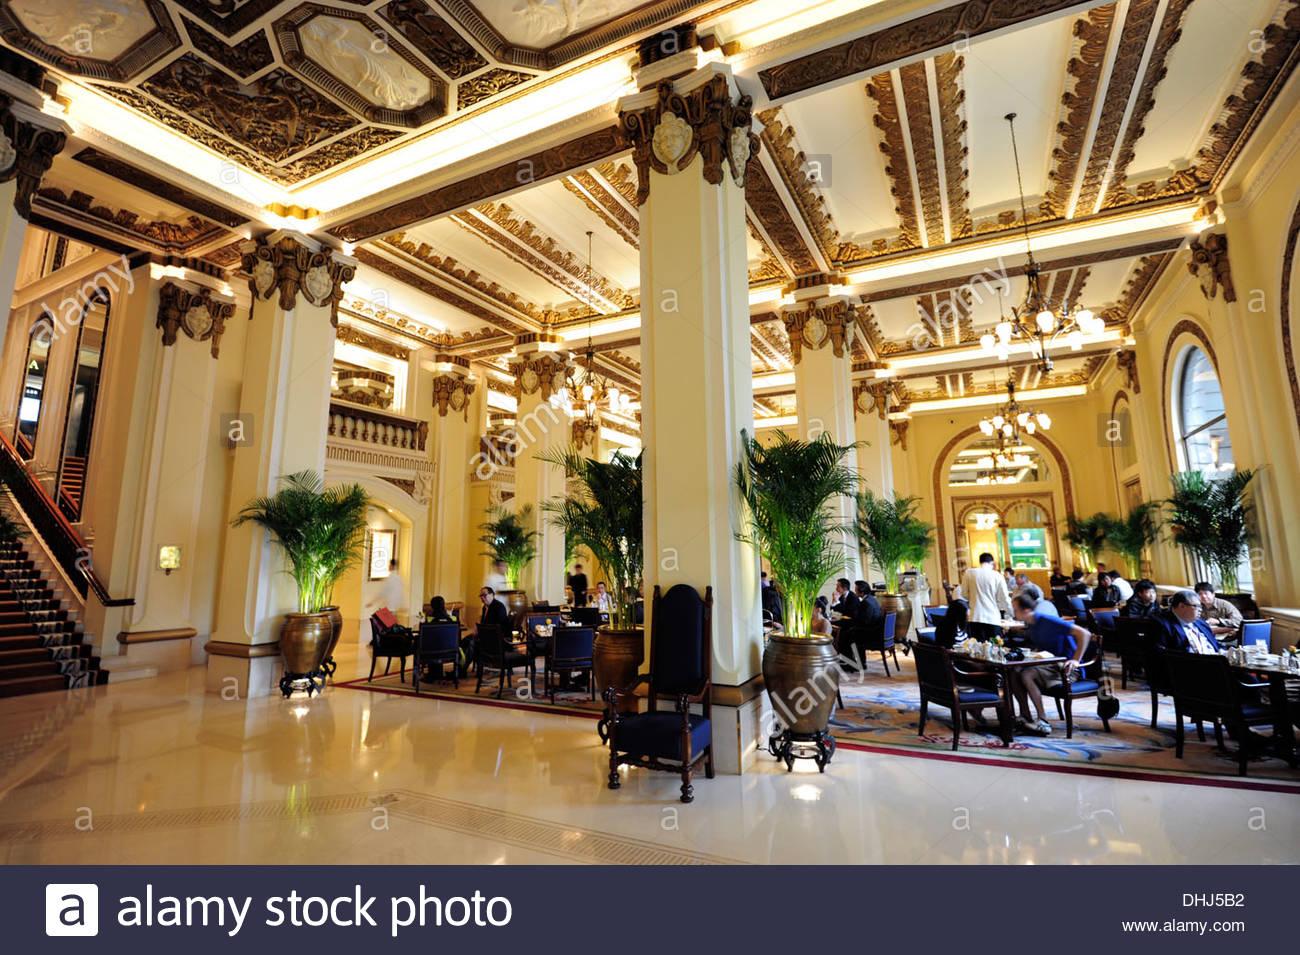 Foyer of The Peninsula Hotel, Tsim Sha Tsui, Kowloon, Hongkong, Hong Kong, China, Asia - Stock Image